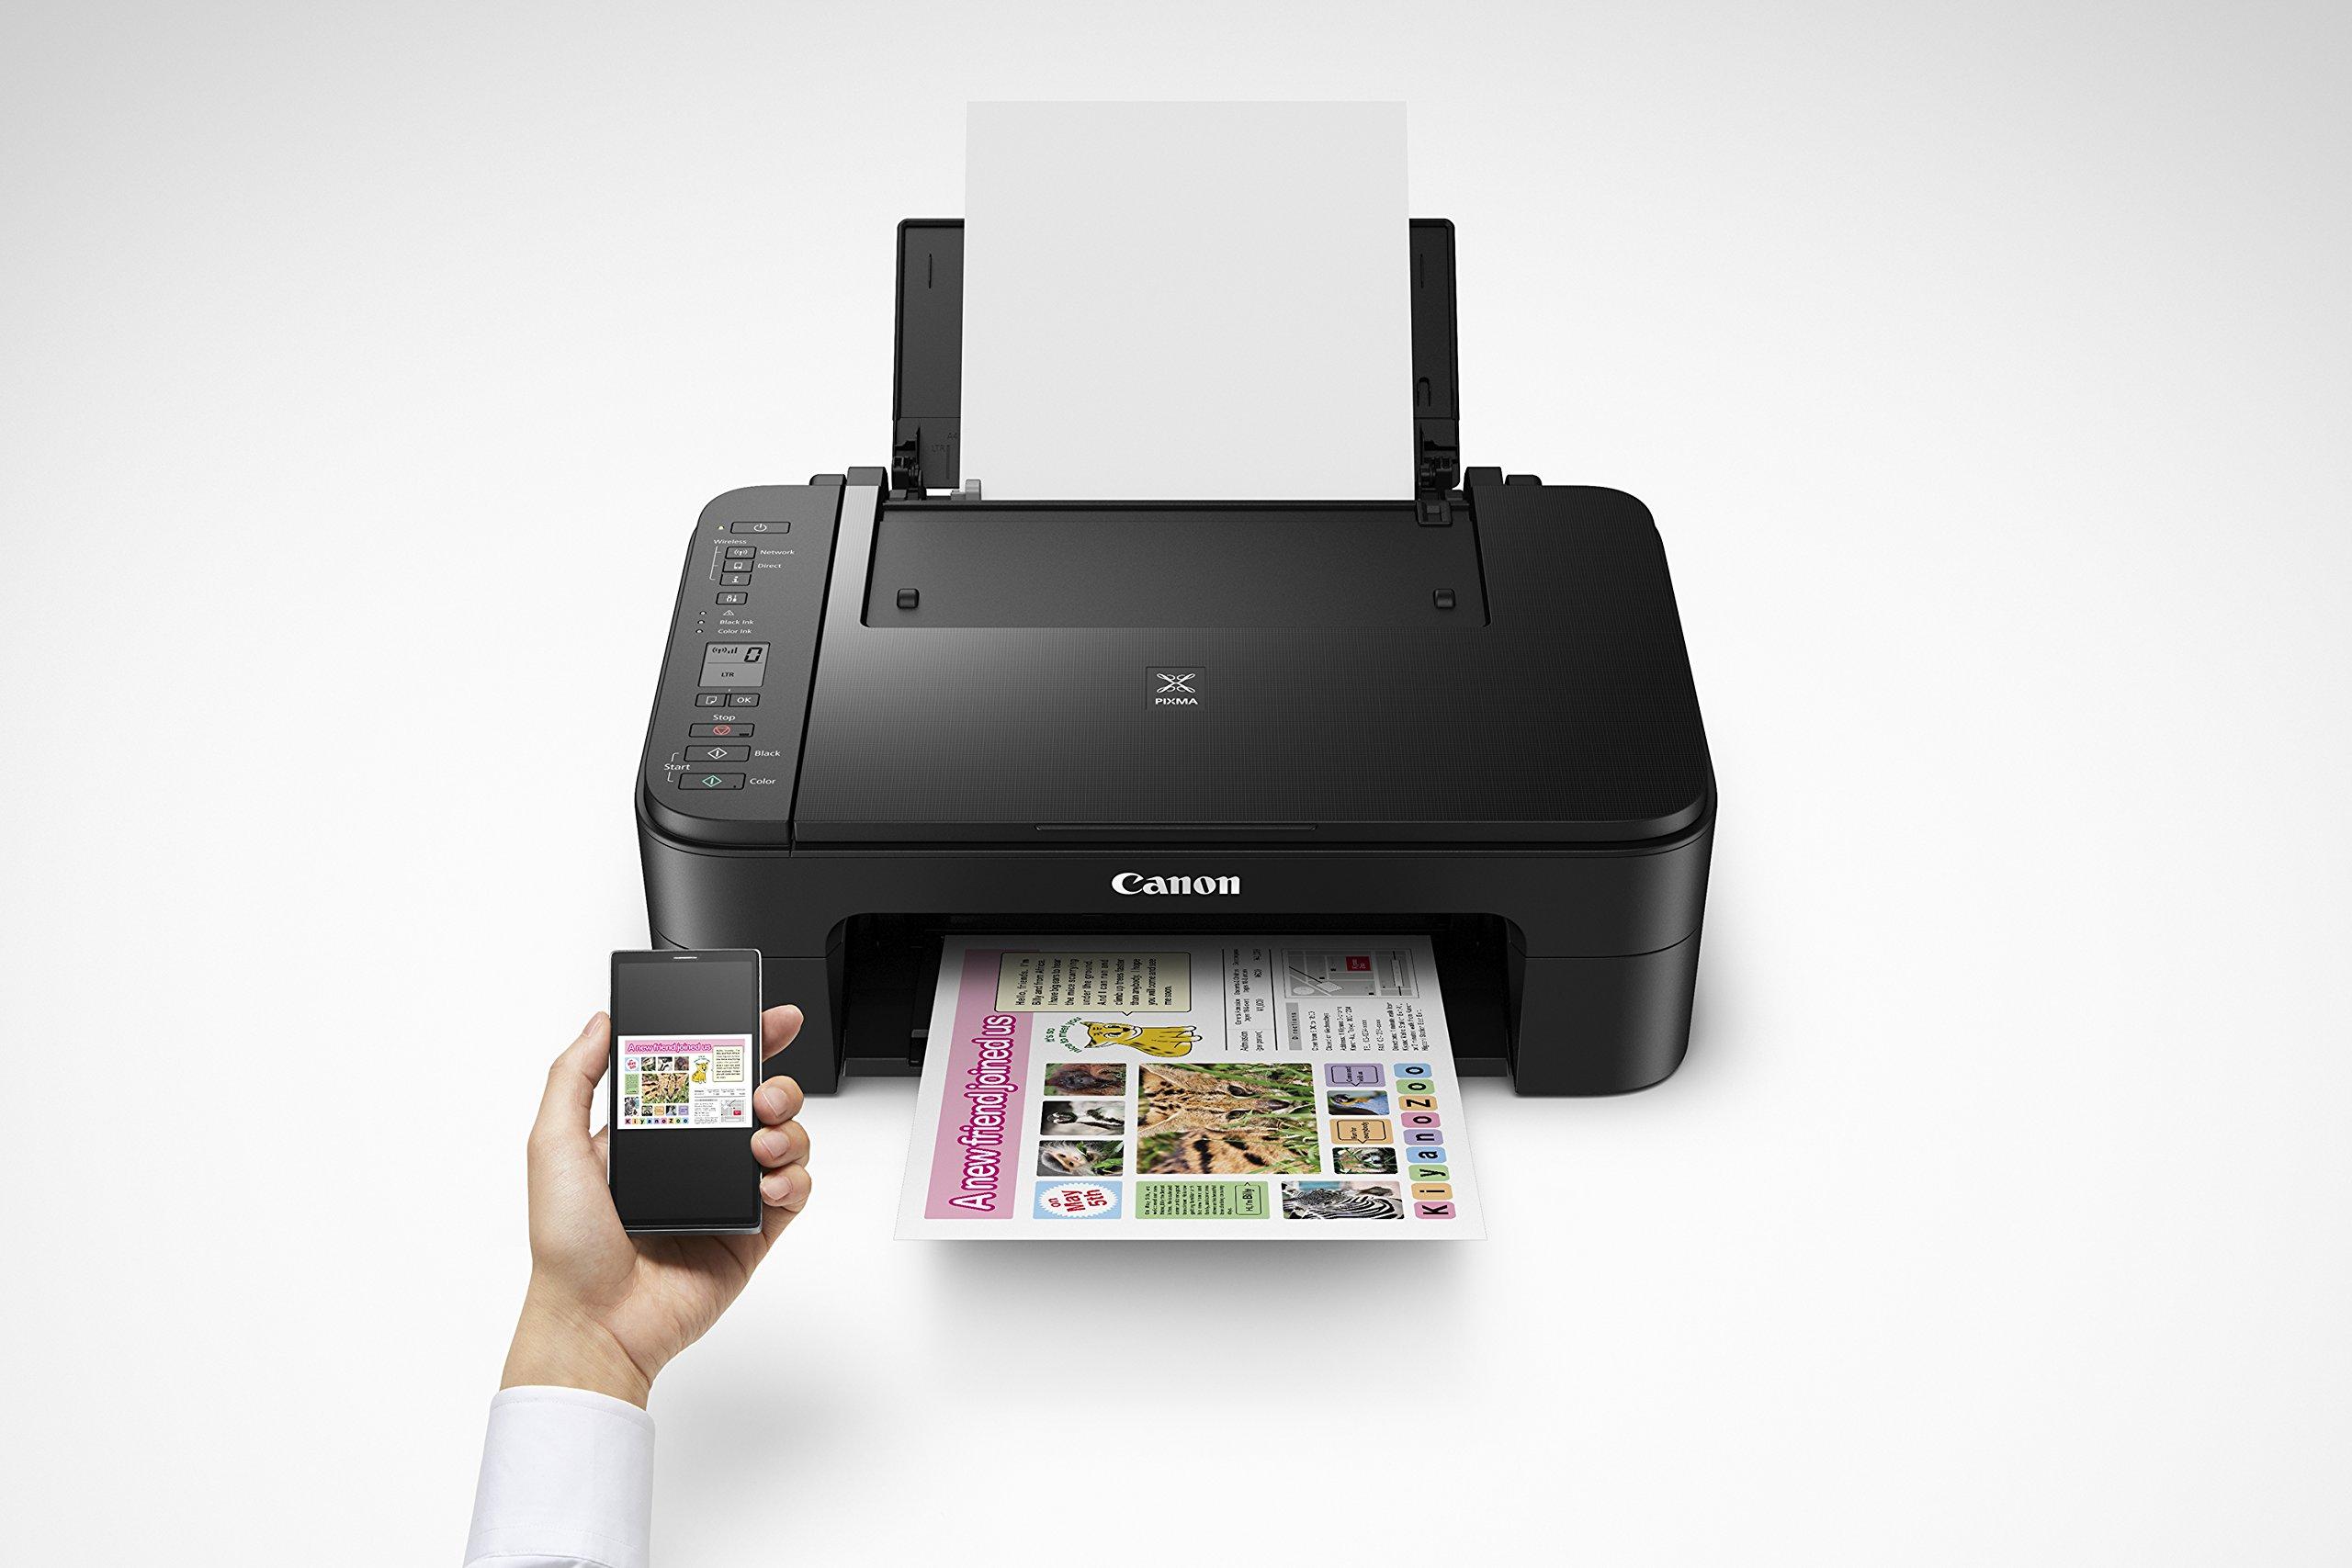 Canon Multi Function Home Printer PIXMA, Black (TS3160) 6